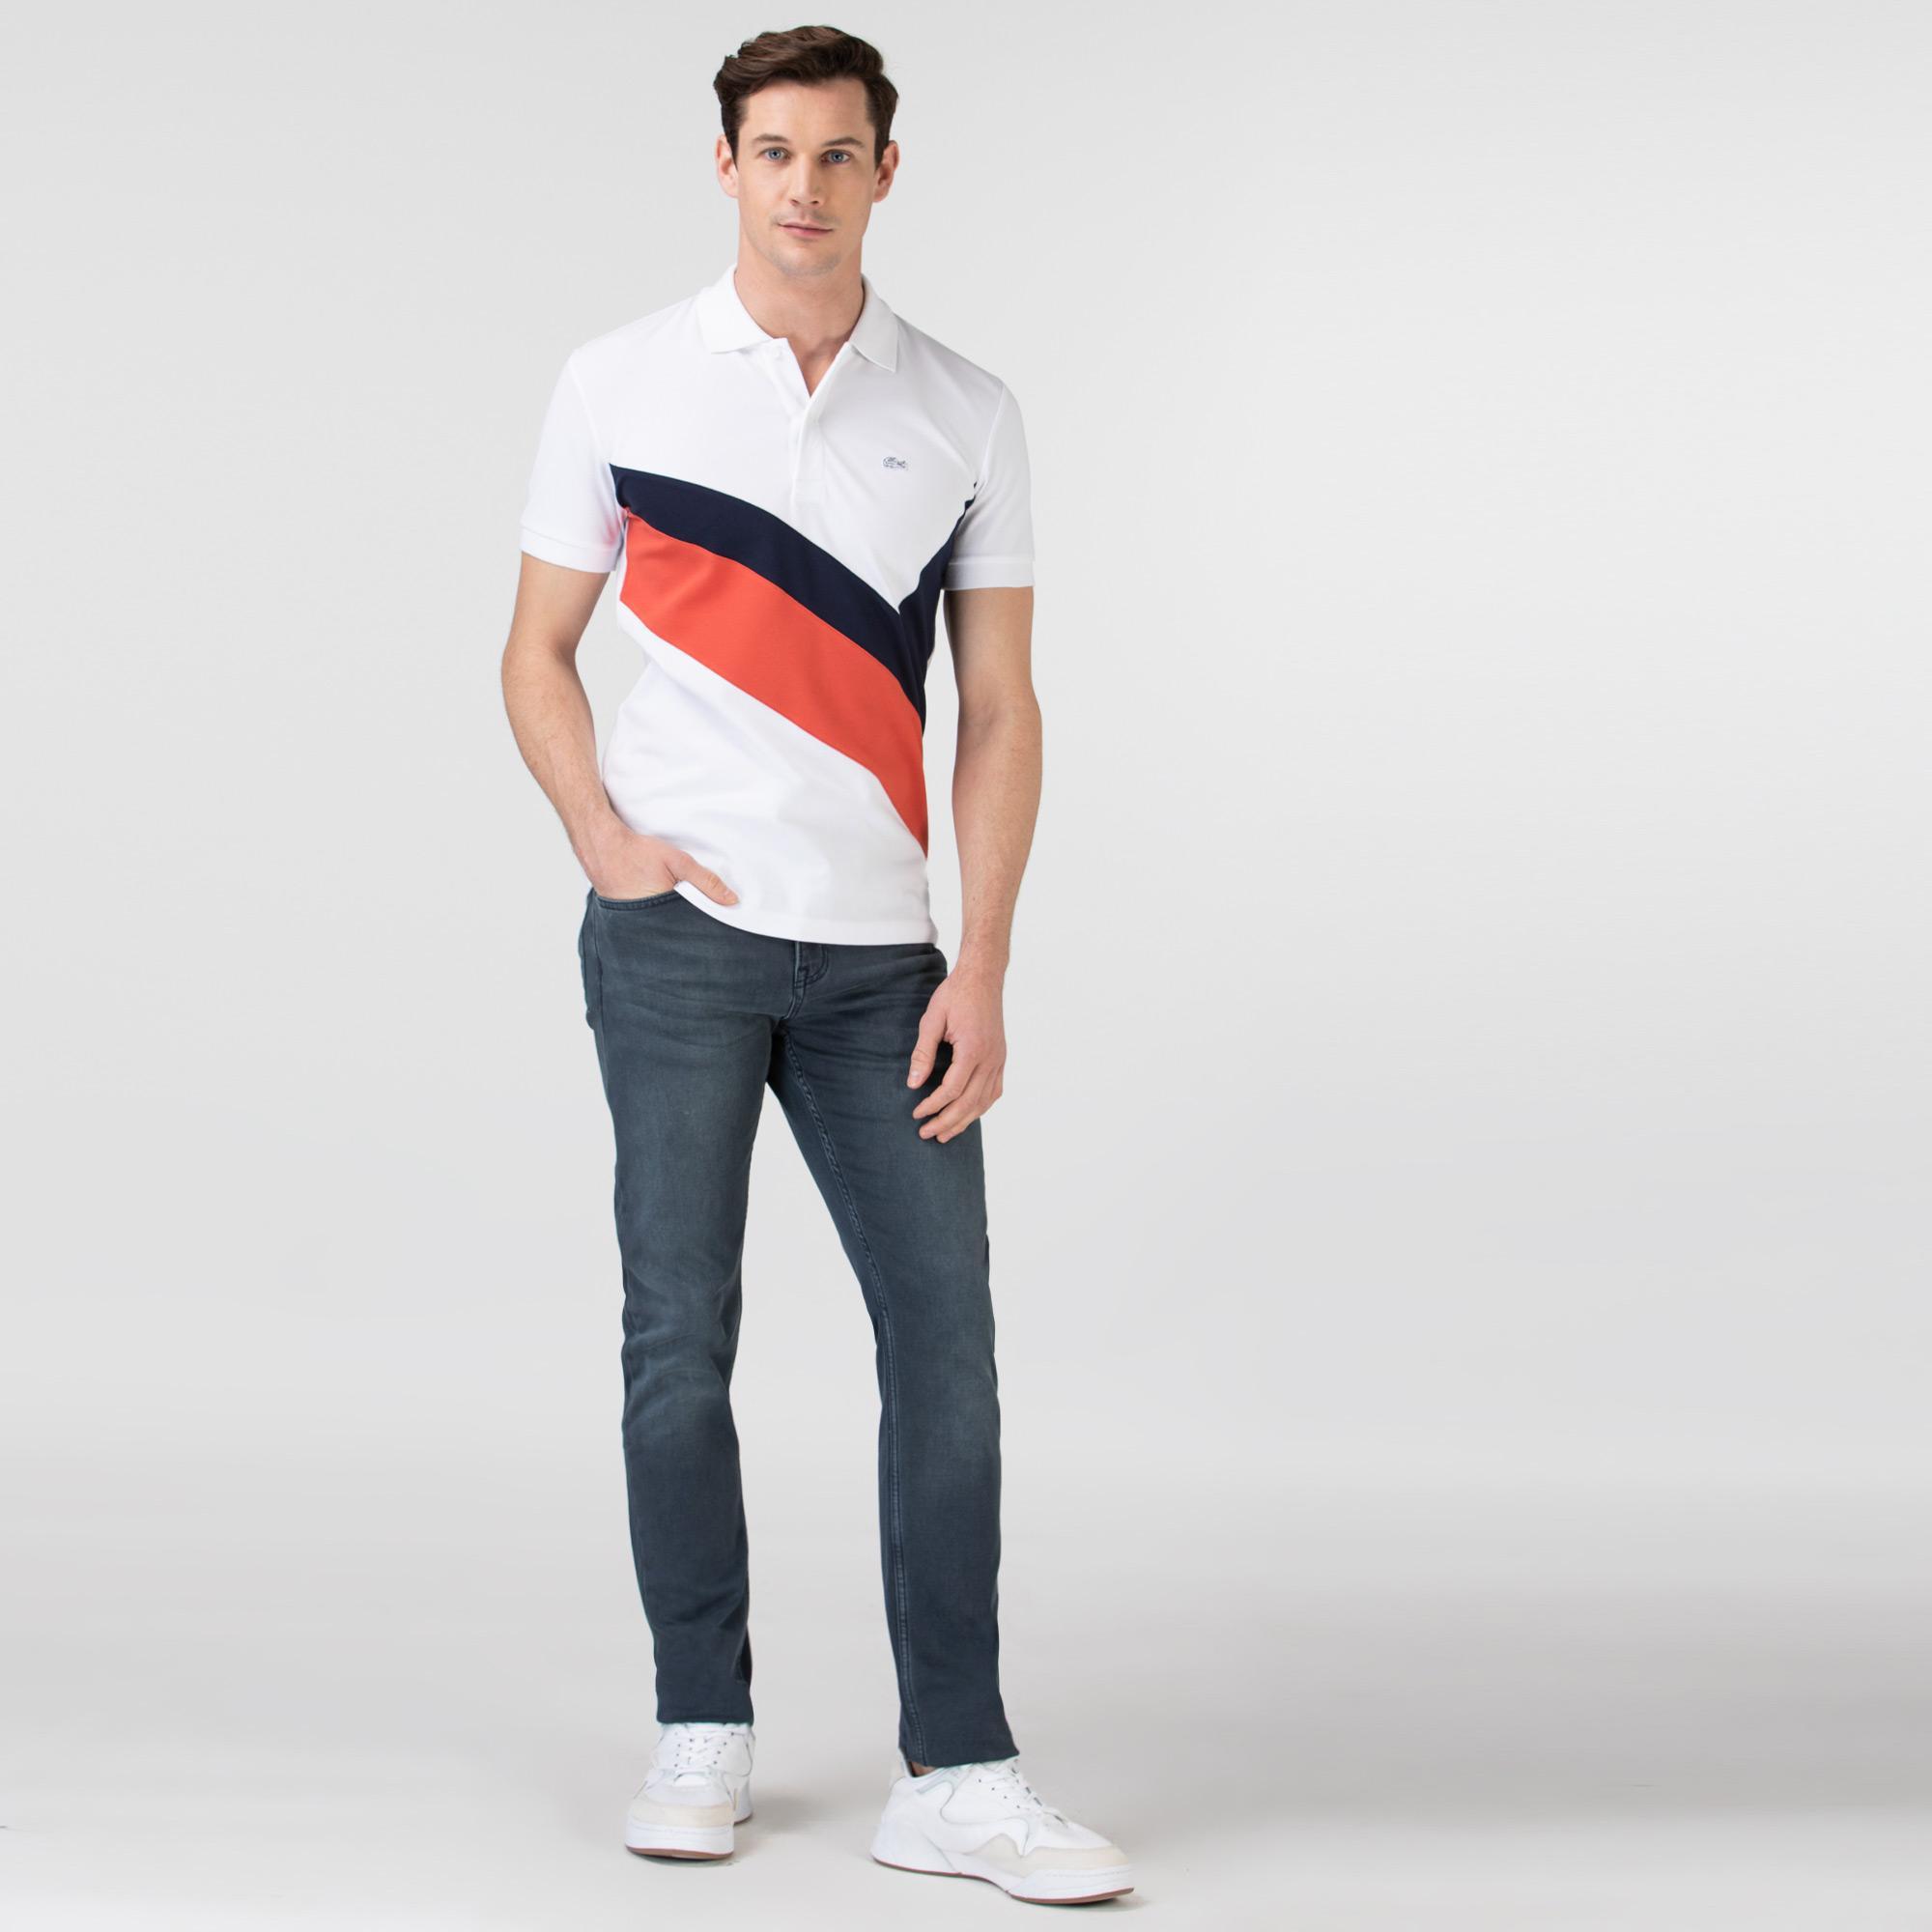 Spodnie męskie Lacoste o dopasowanym kroju